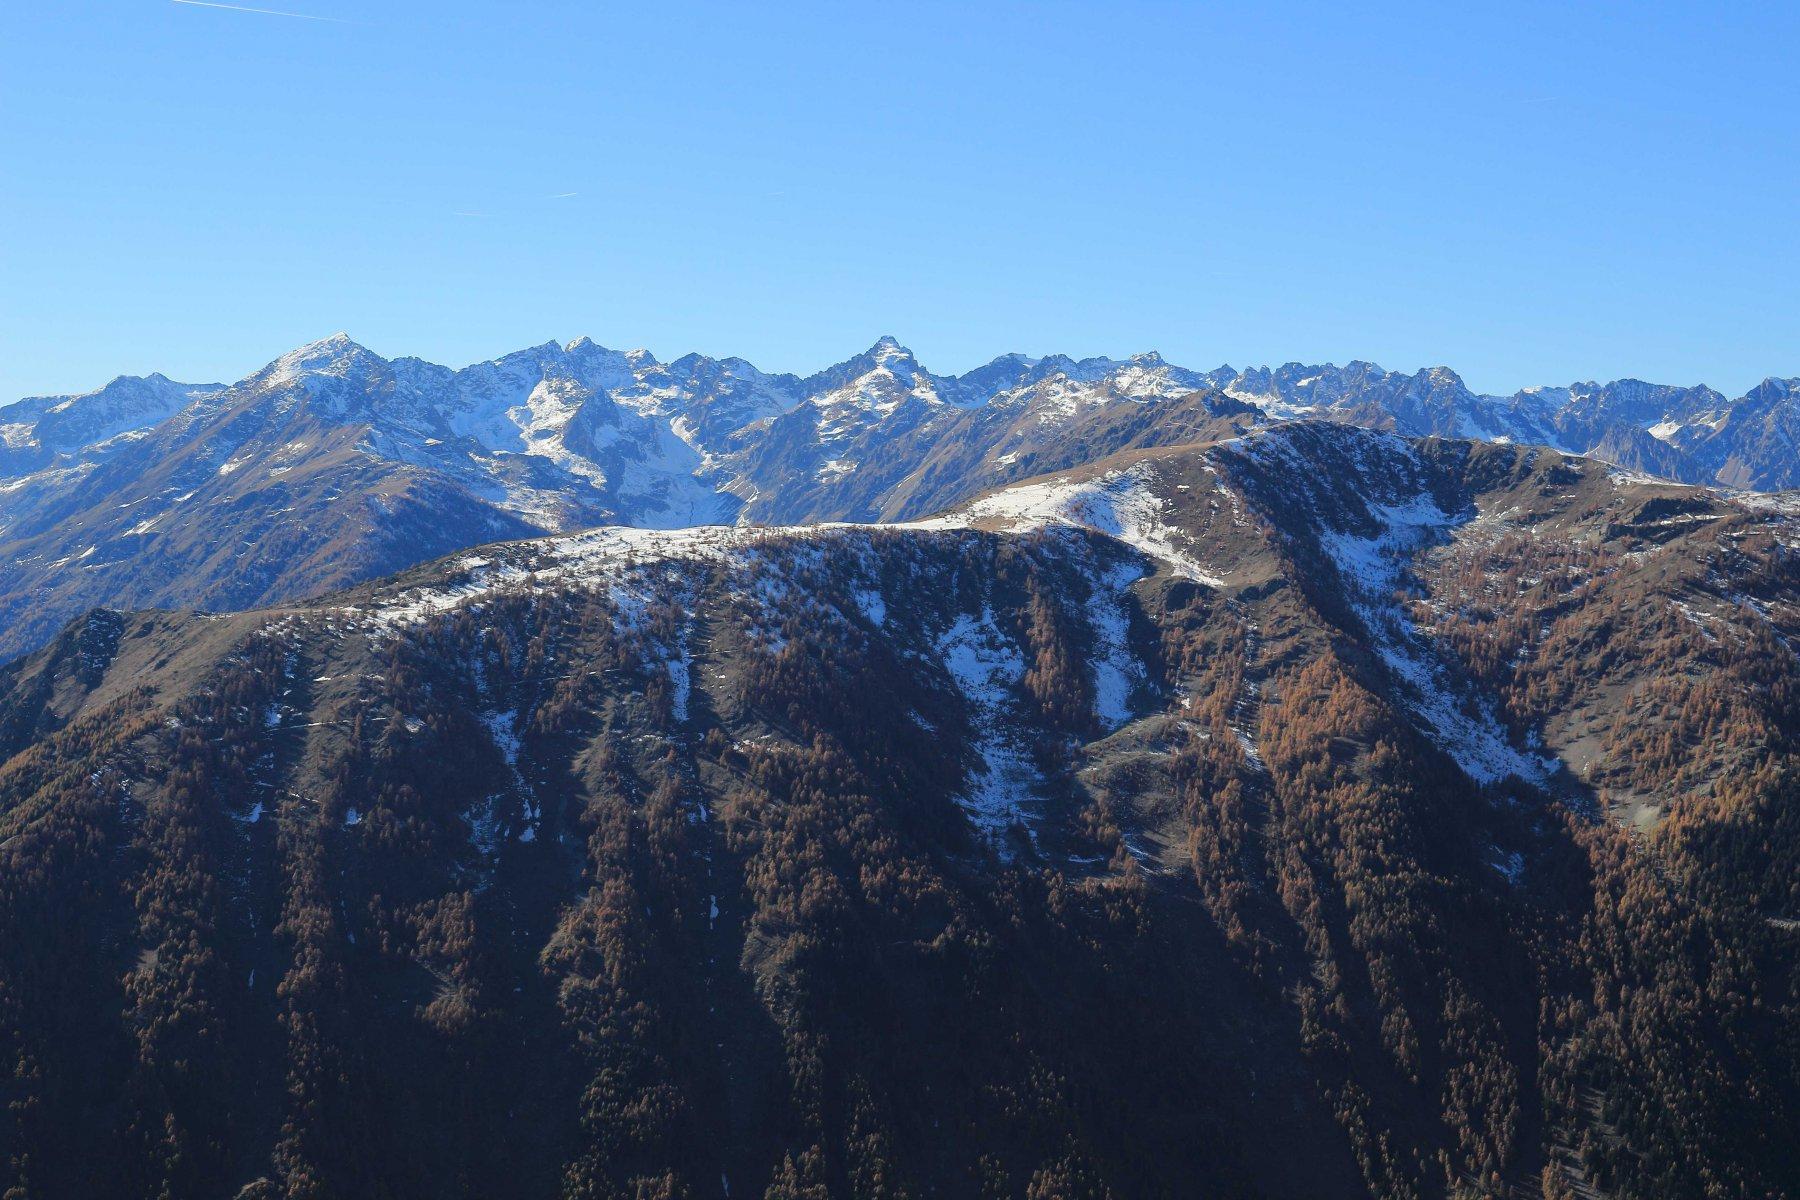 Vista dalla cima: il Becco Alto d'Ischiator, proprio al centro, ci ricorda che l'inverno è alle porte.